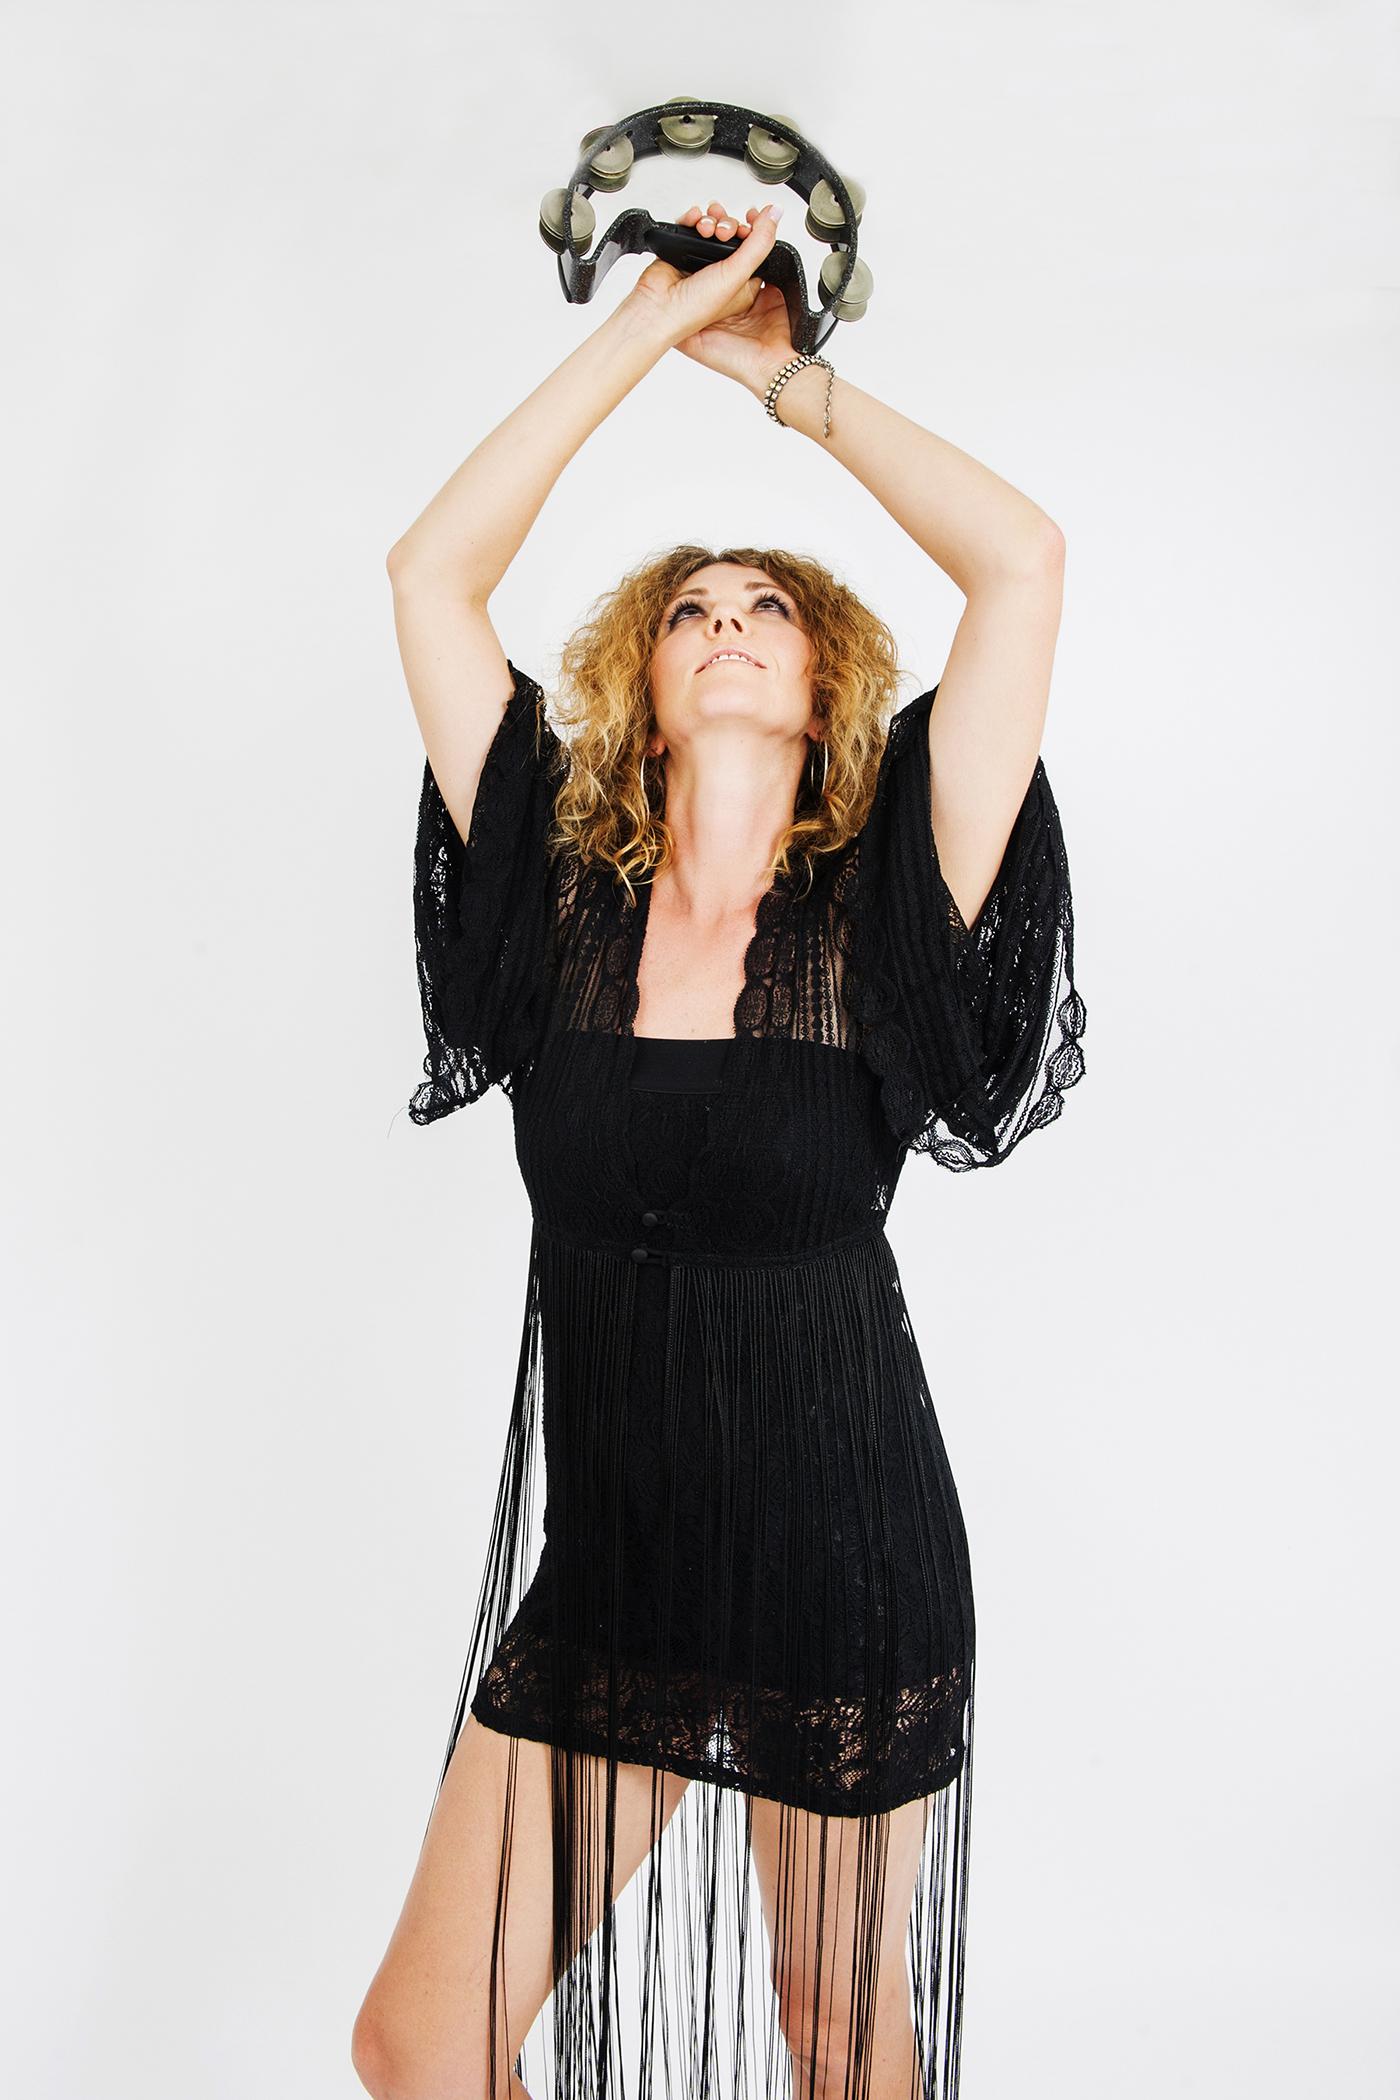 Mel Fraser_ Renee Brazel Photography Musician Brisbane.jpg